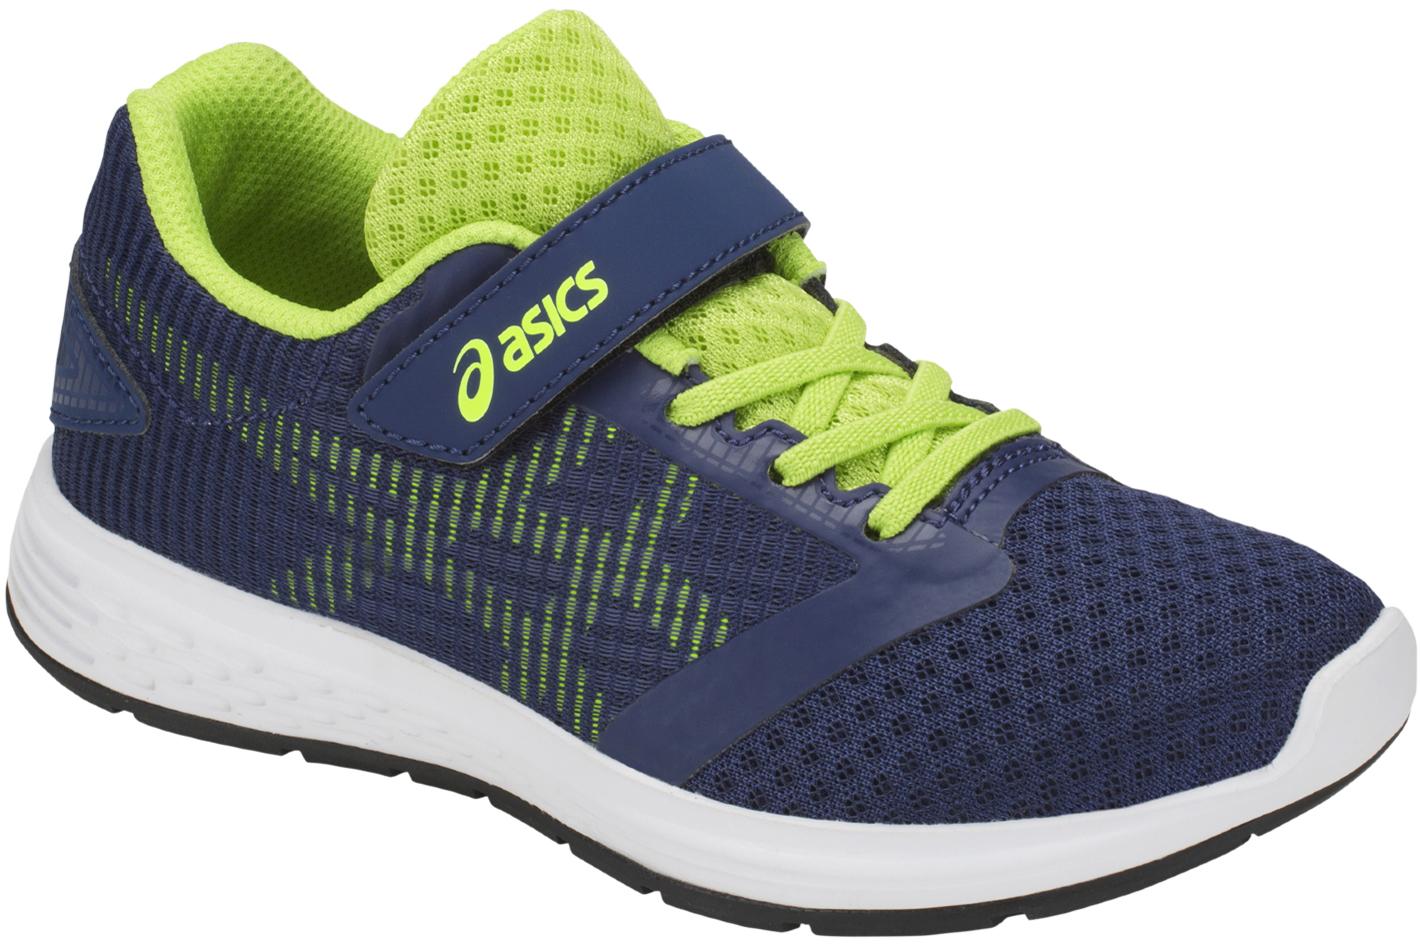 ed95ff9e6e48f0 Asics Patriot 10 PS 1014A026-401 Garçon chaussures de running Bleu foncé